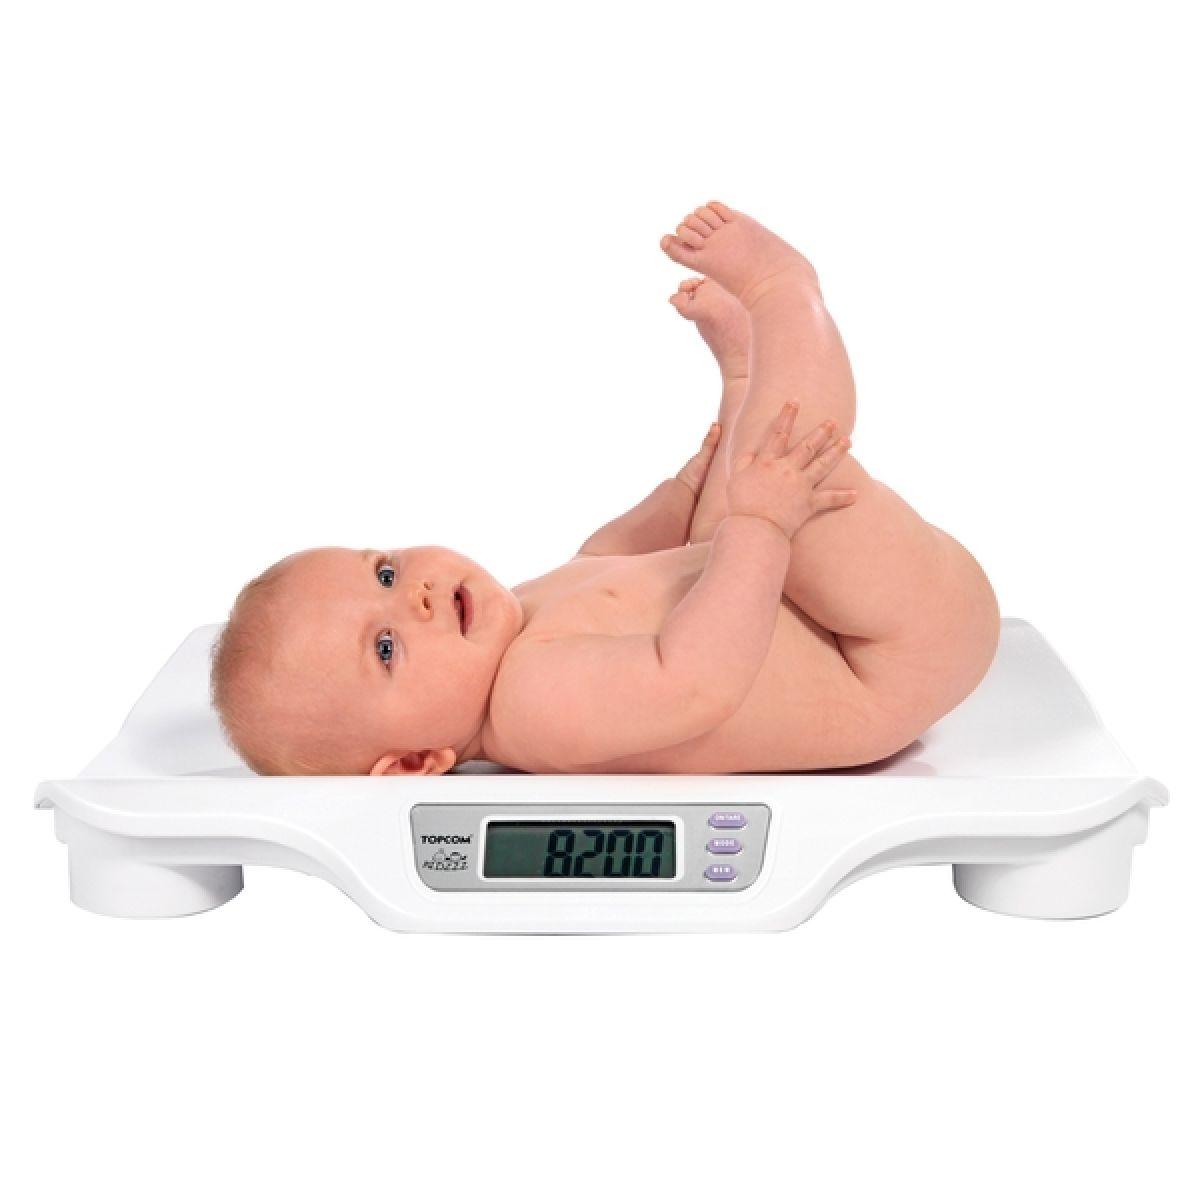 Váha dětská digitální 2010